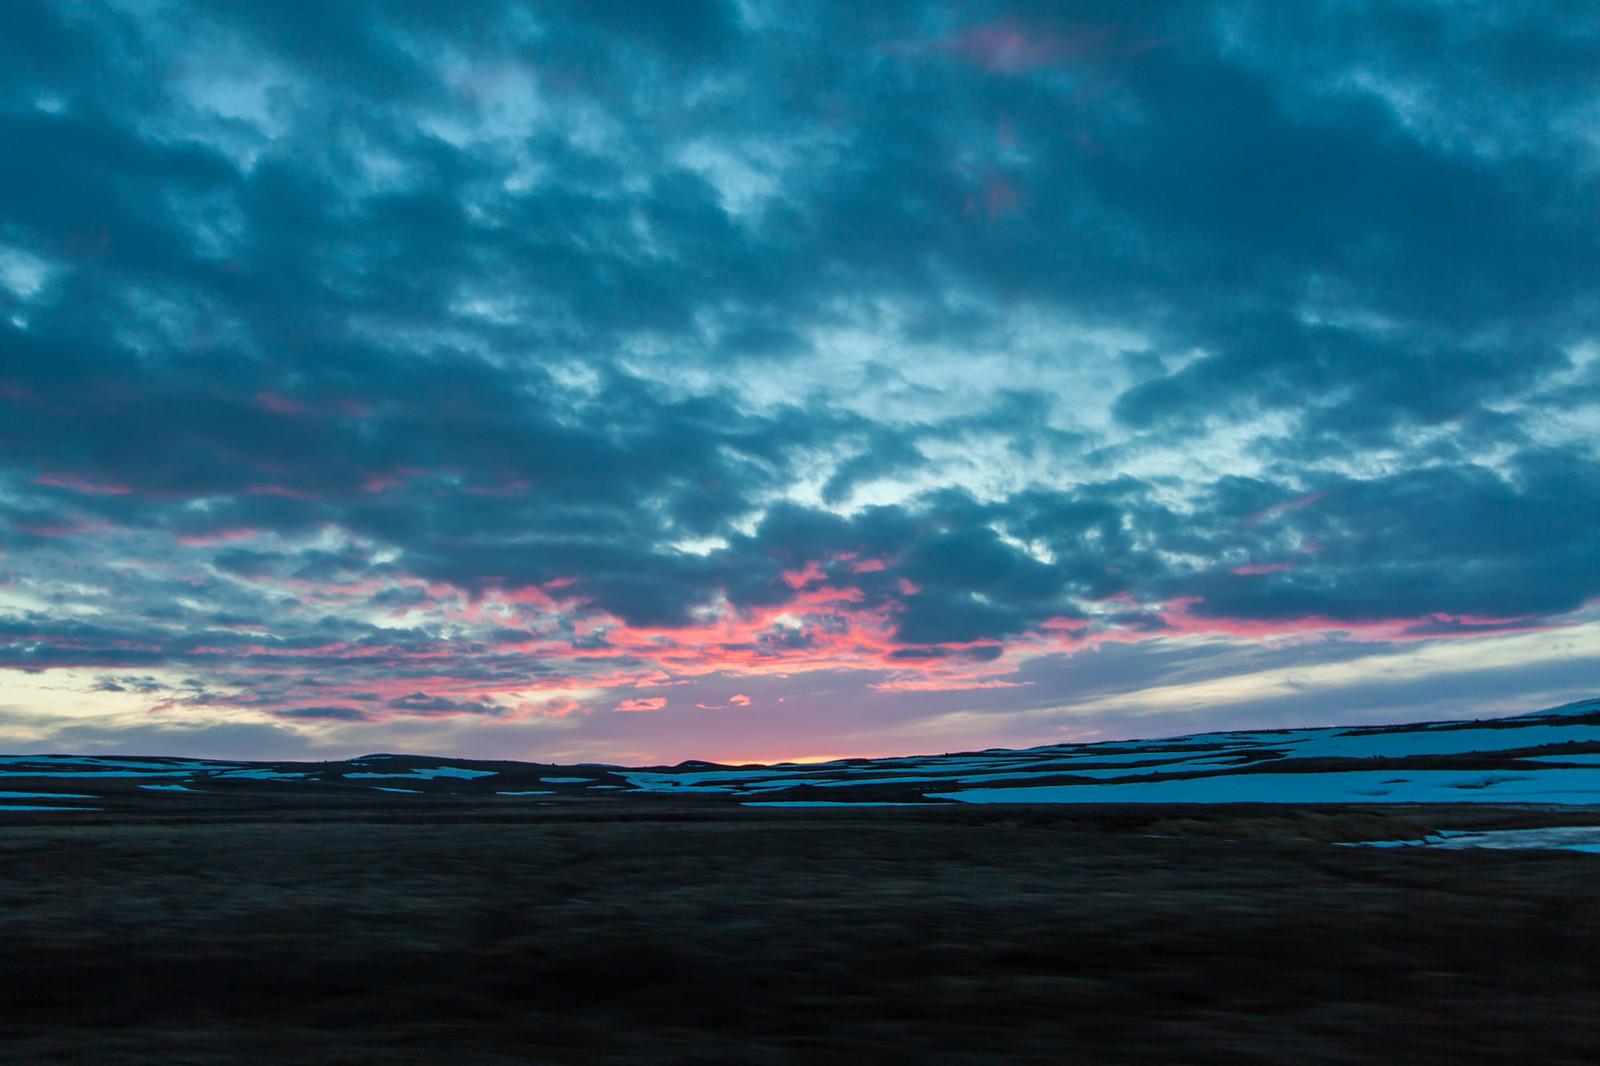 Ісландія як вона є майже опівночі